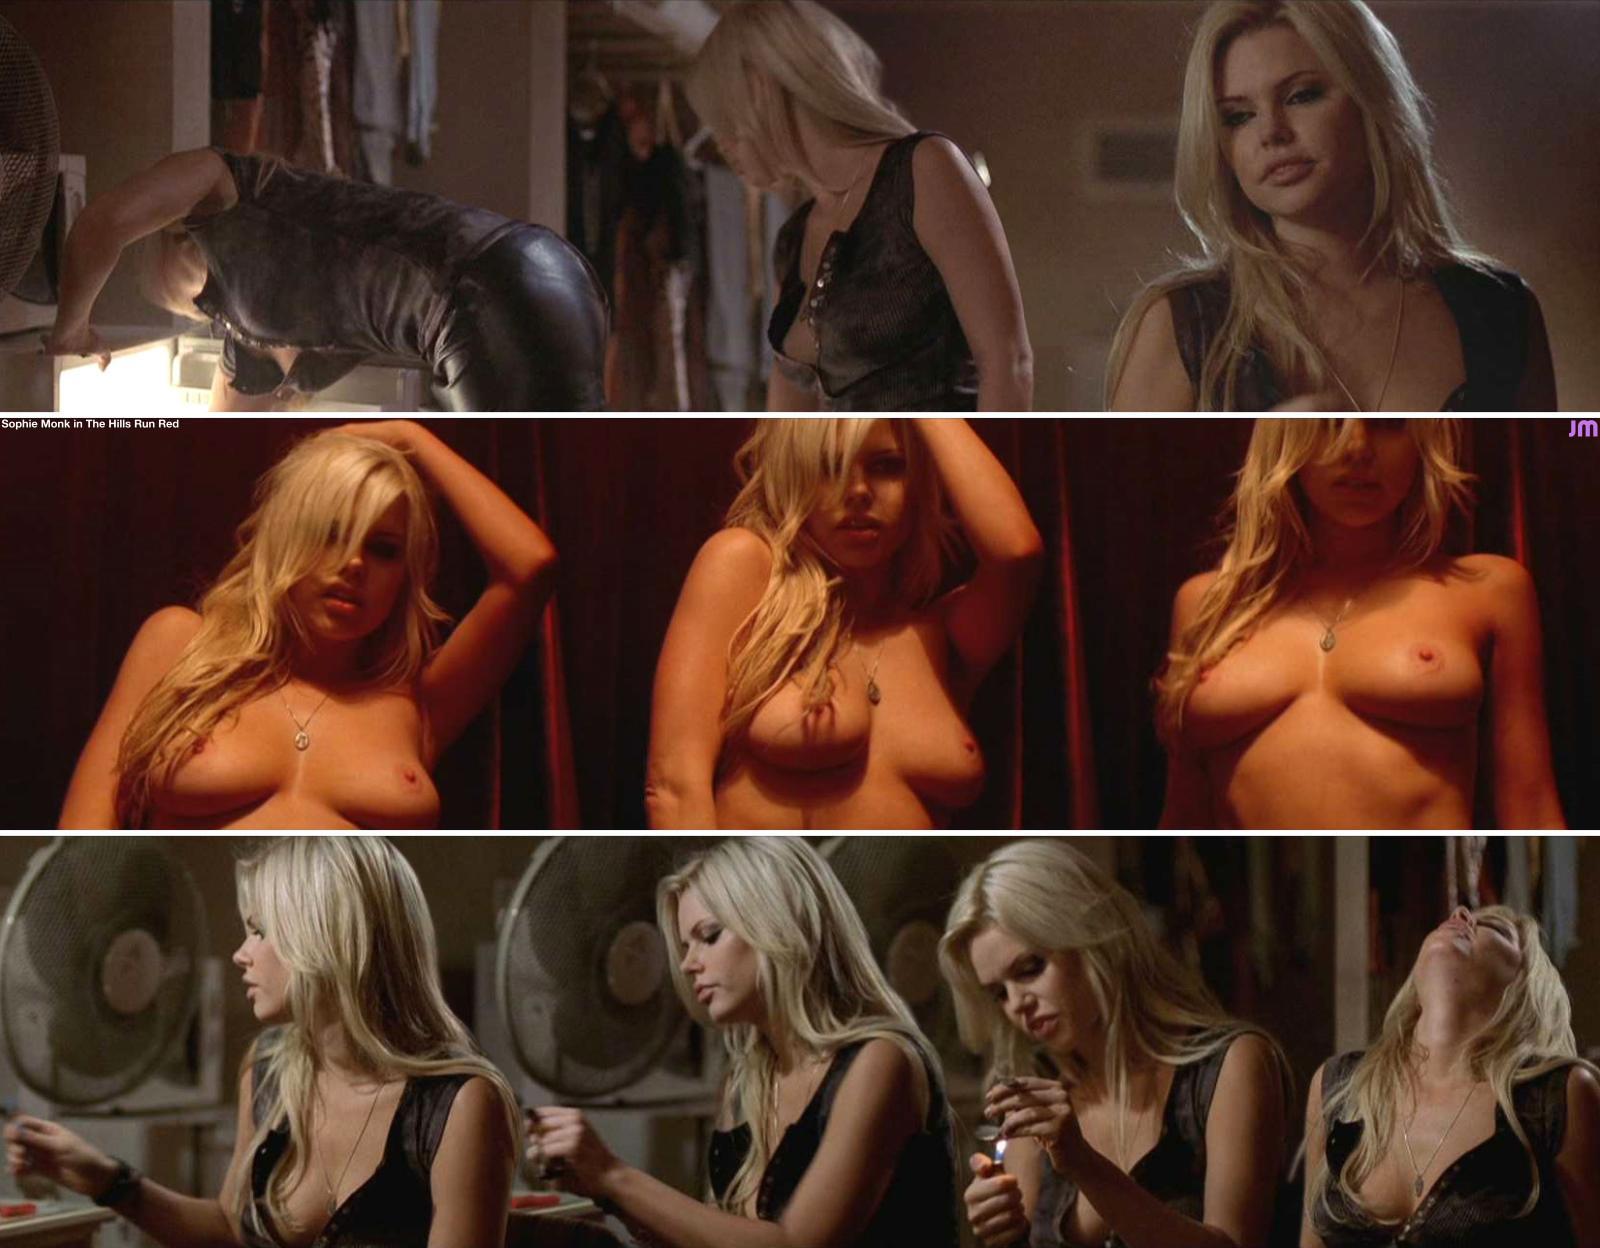 Sophie monk fotos desnuda